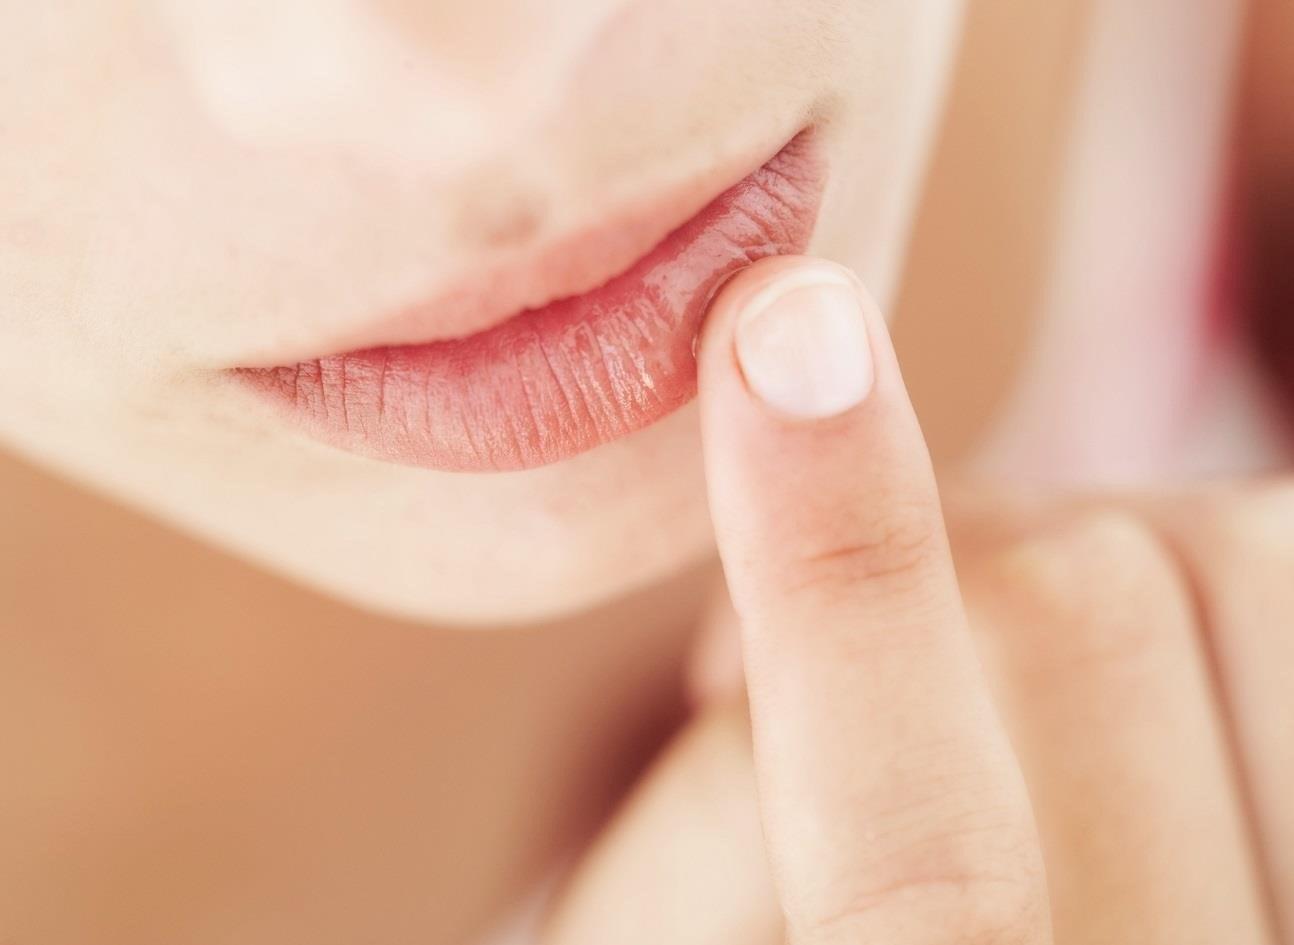 красивые губы в 50+ фото 1